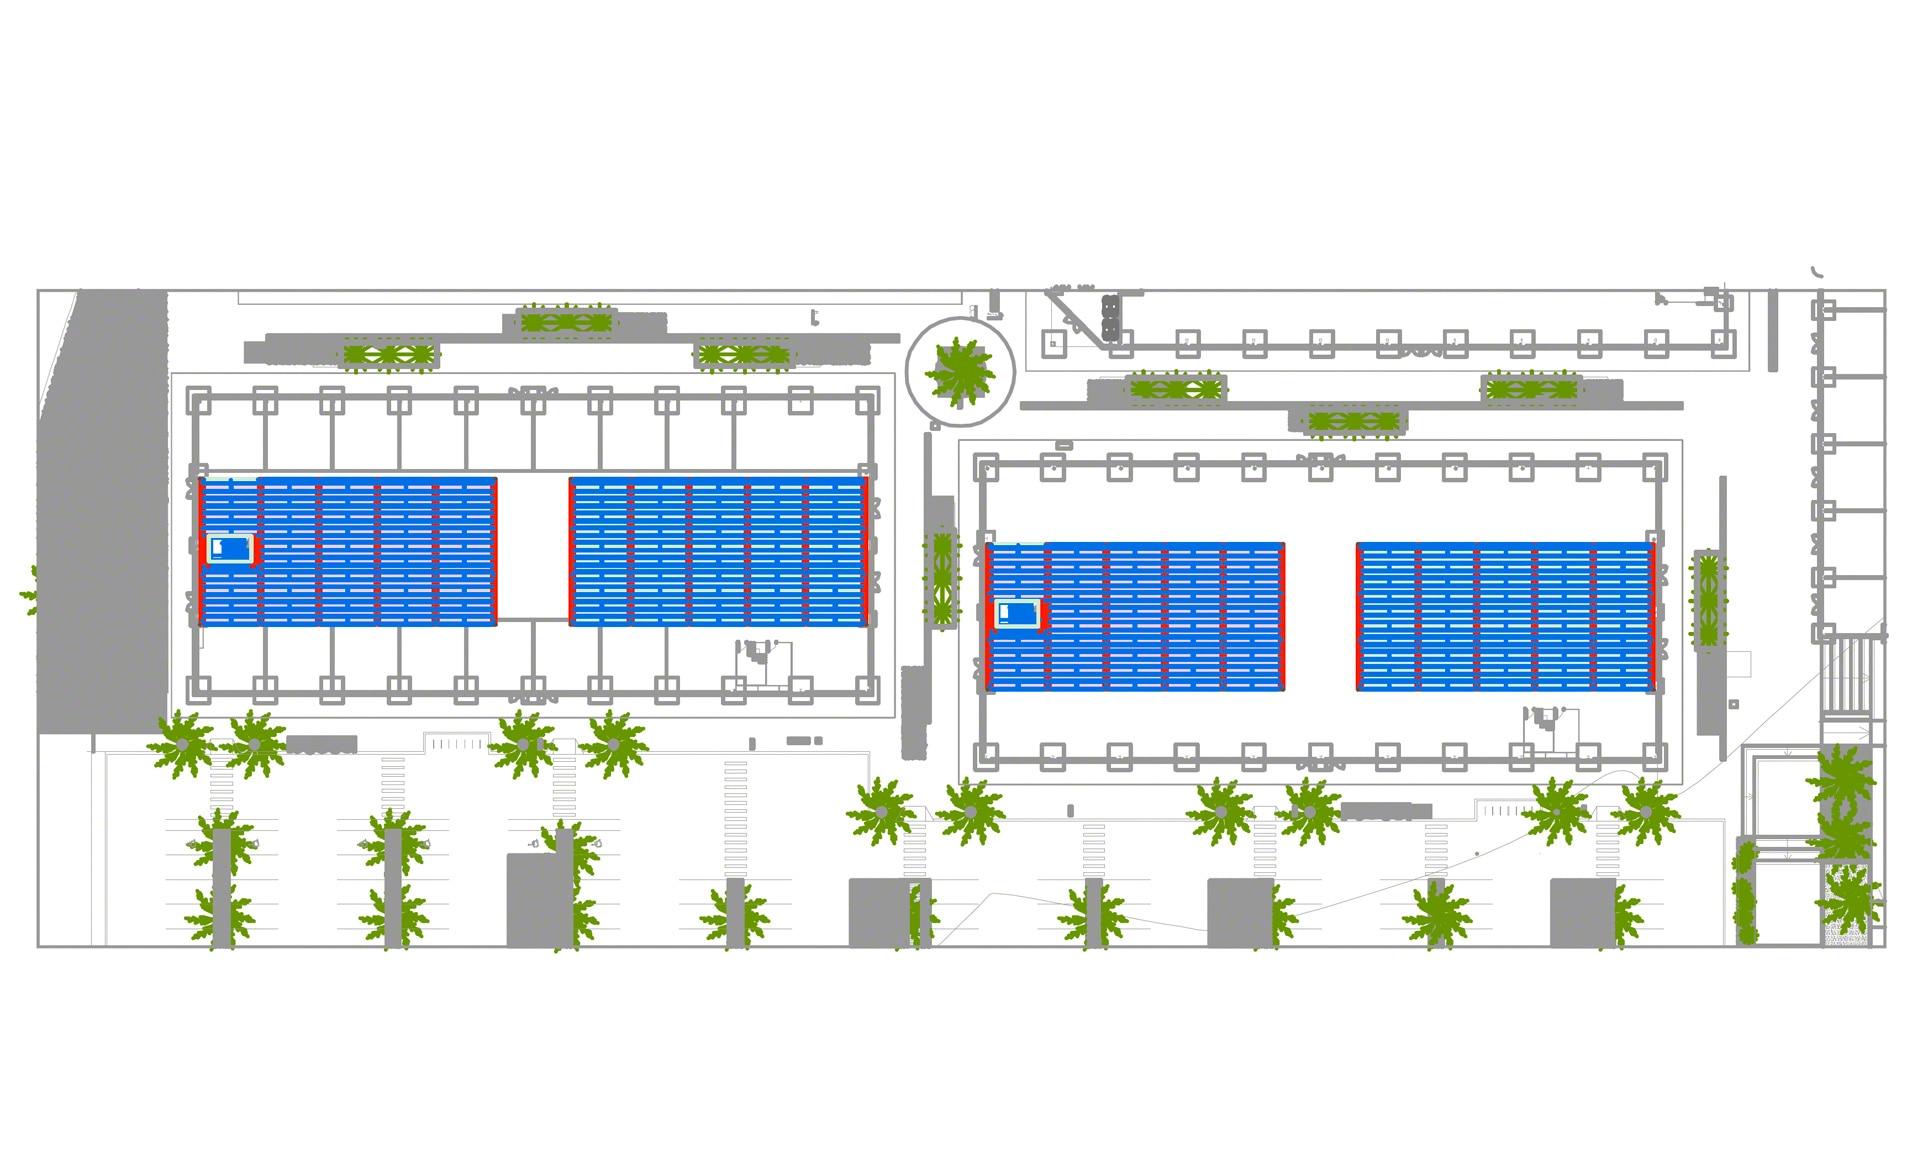 Mecalux equipará el centro comercial que Almenara Mall posee en Canelones (Uruguay) con una entreplanta